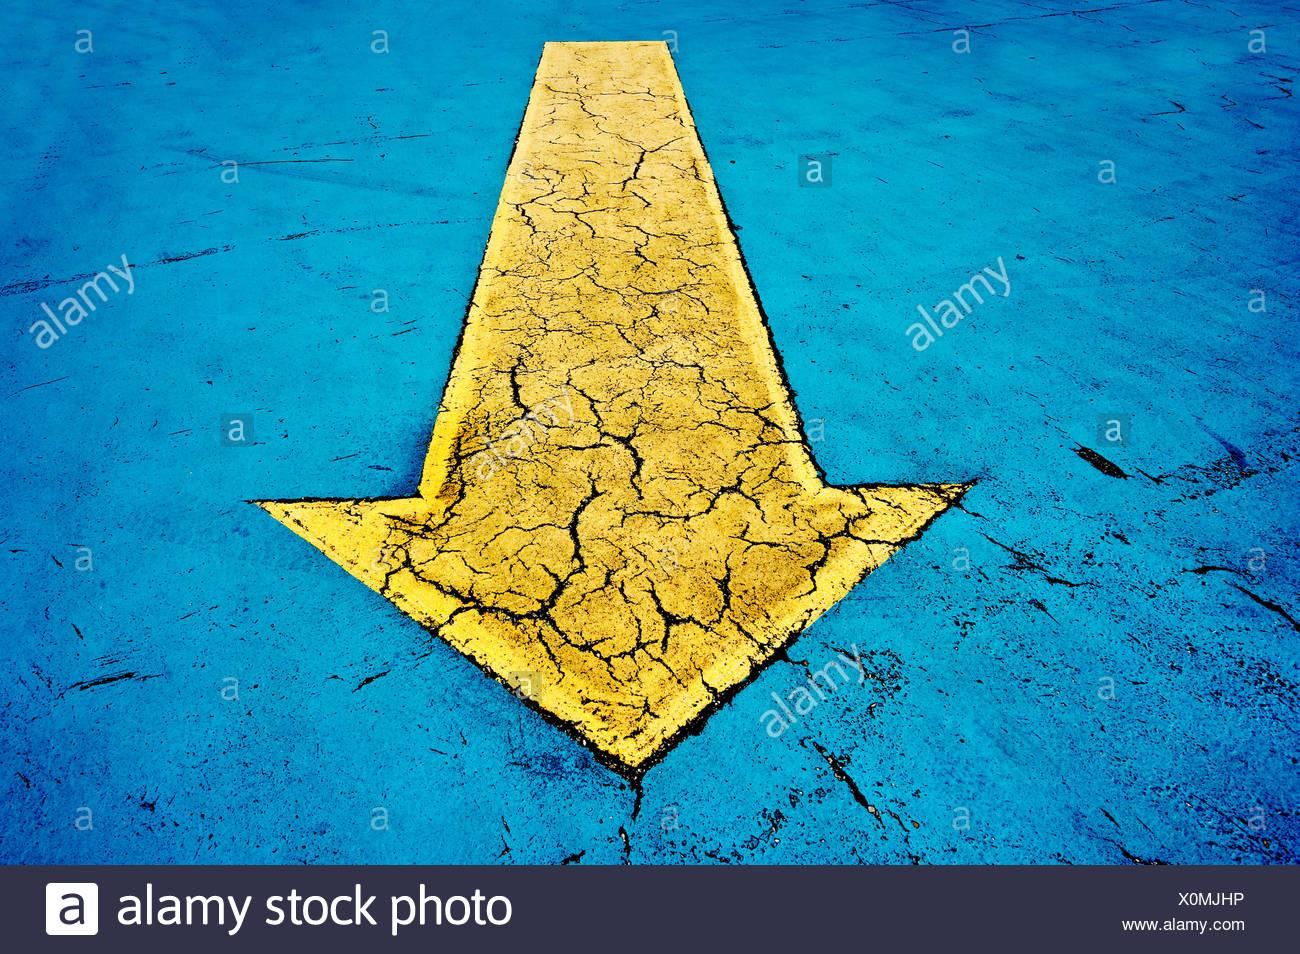 Flecha amarilla en azul con grietas de hormigón Imagen De Stock